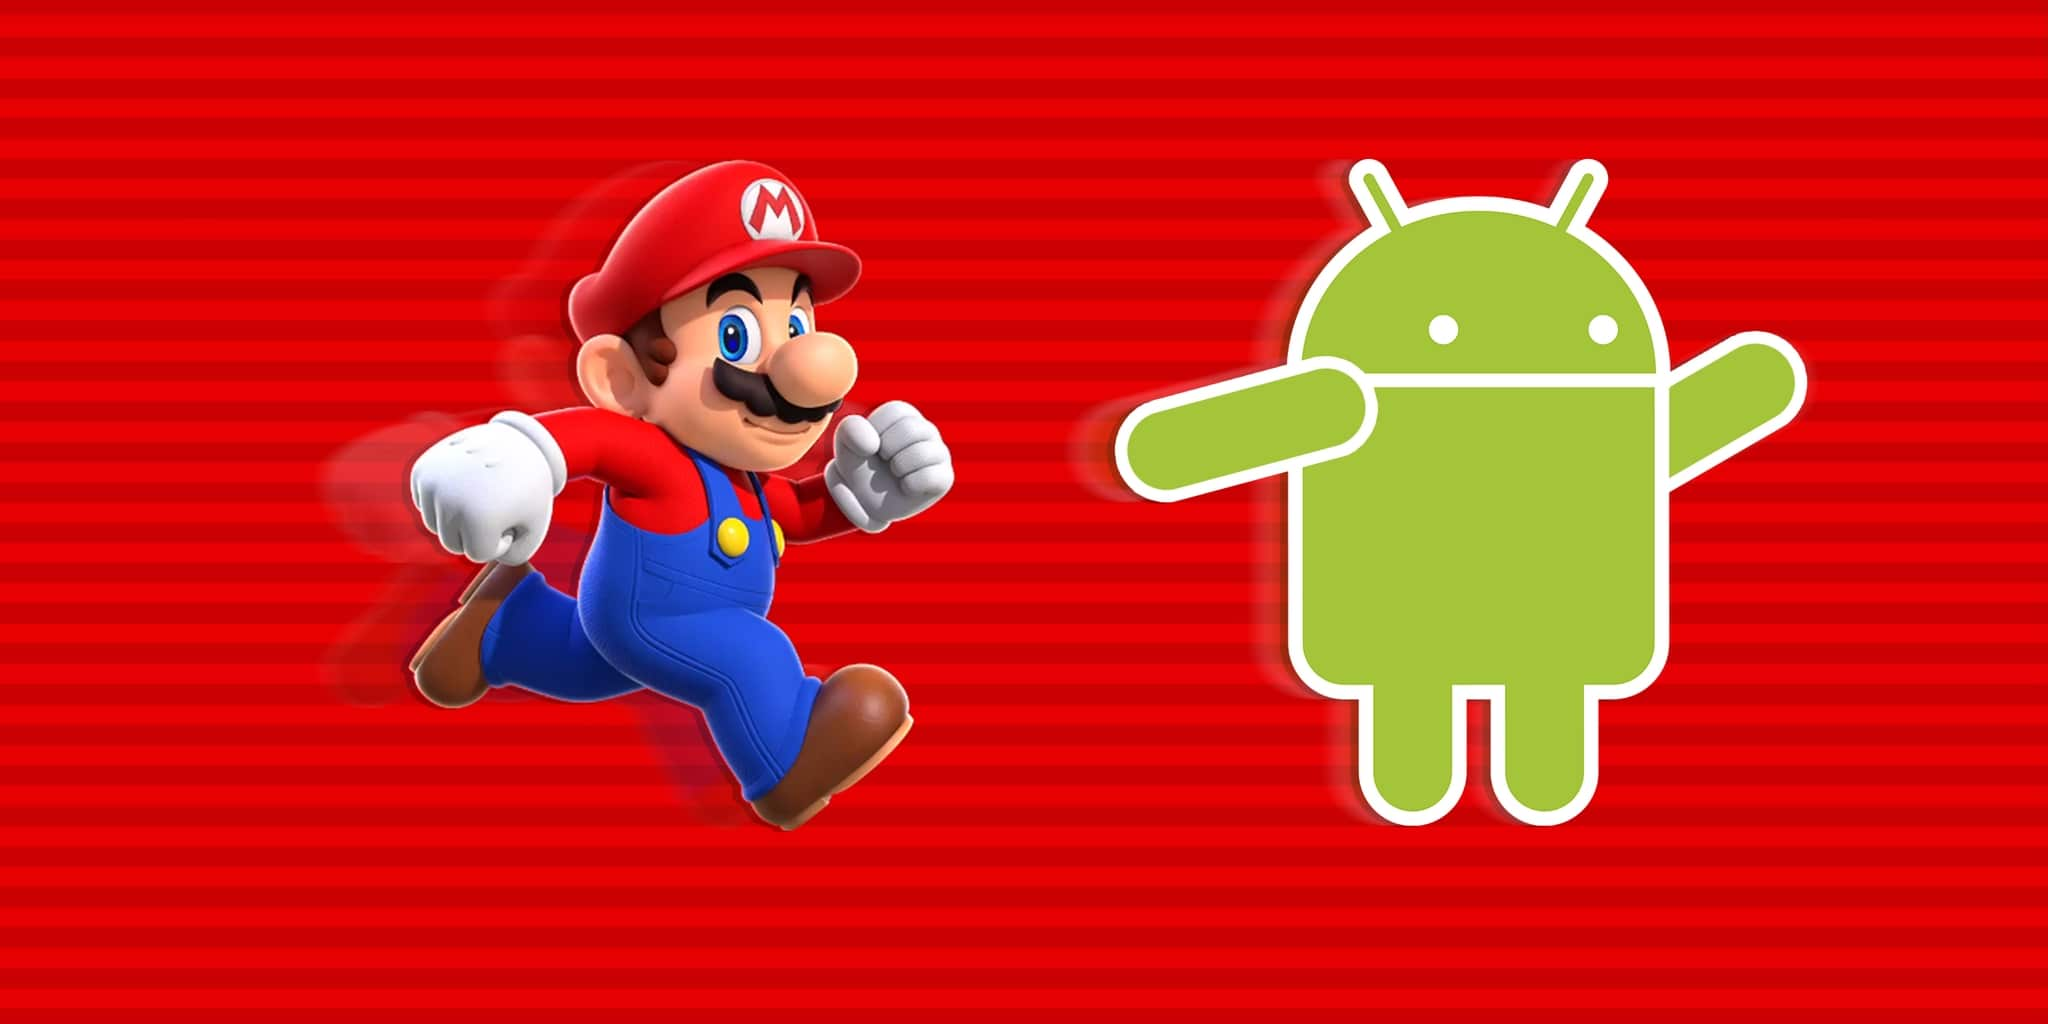 super mario run android carton